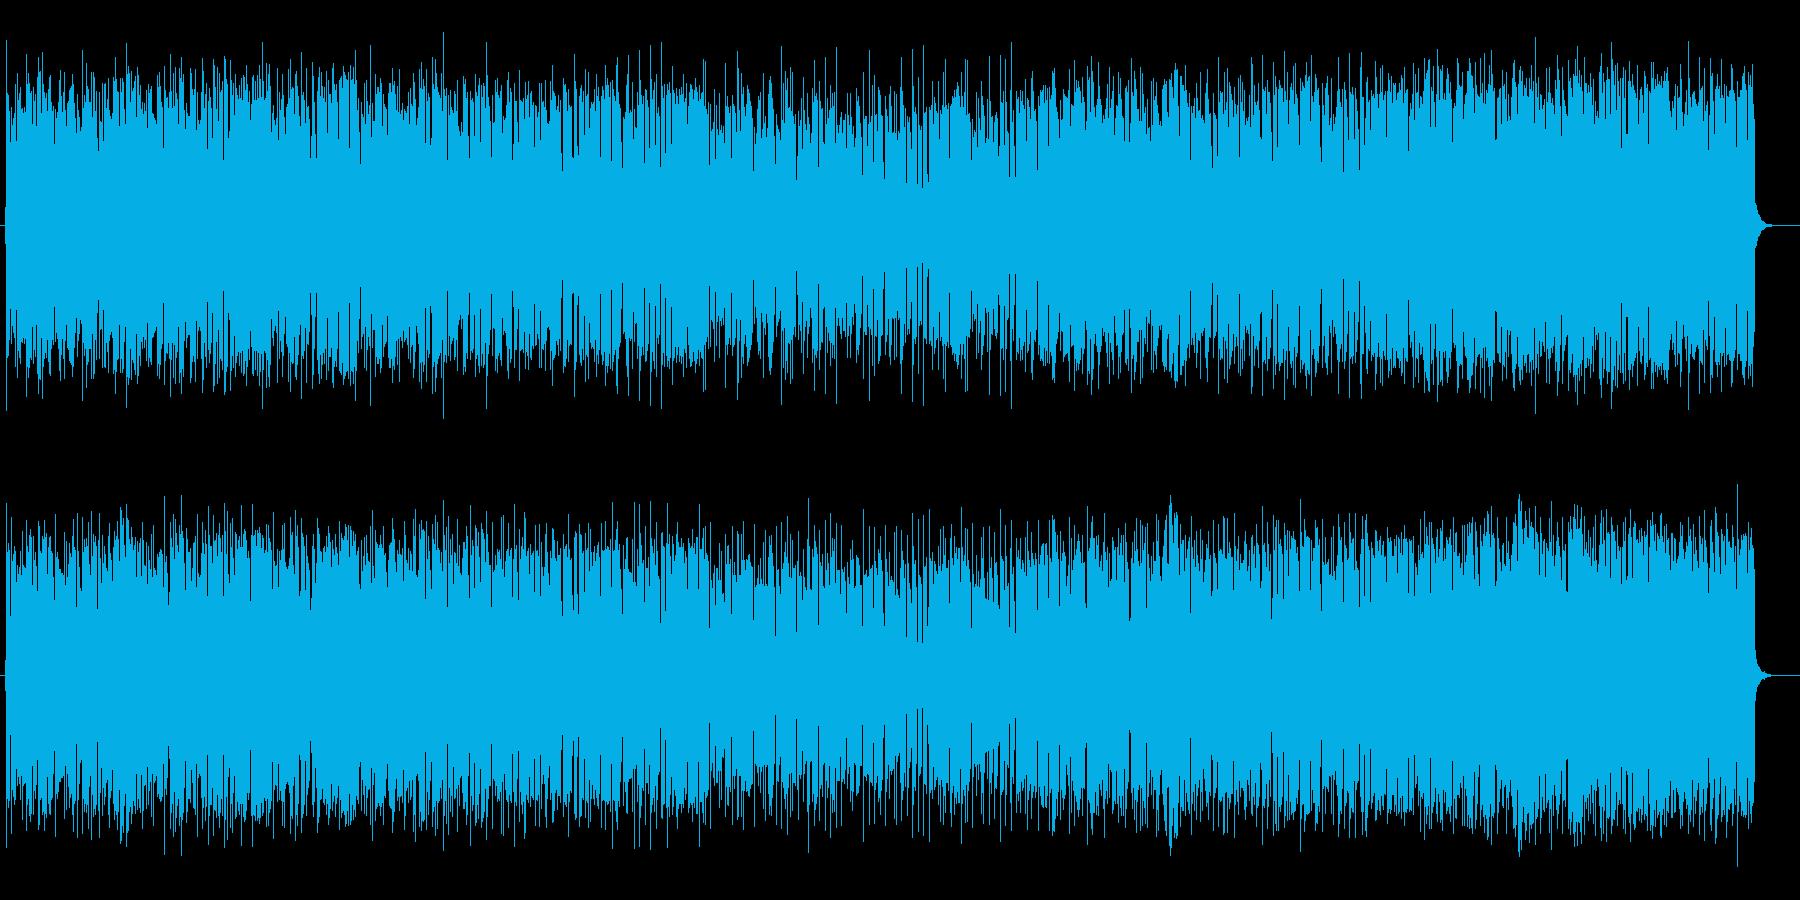 幻想的なシンセサイザーのバラードの再生済みの波形